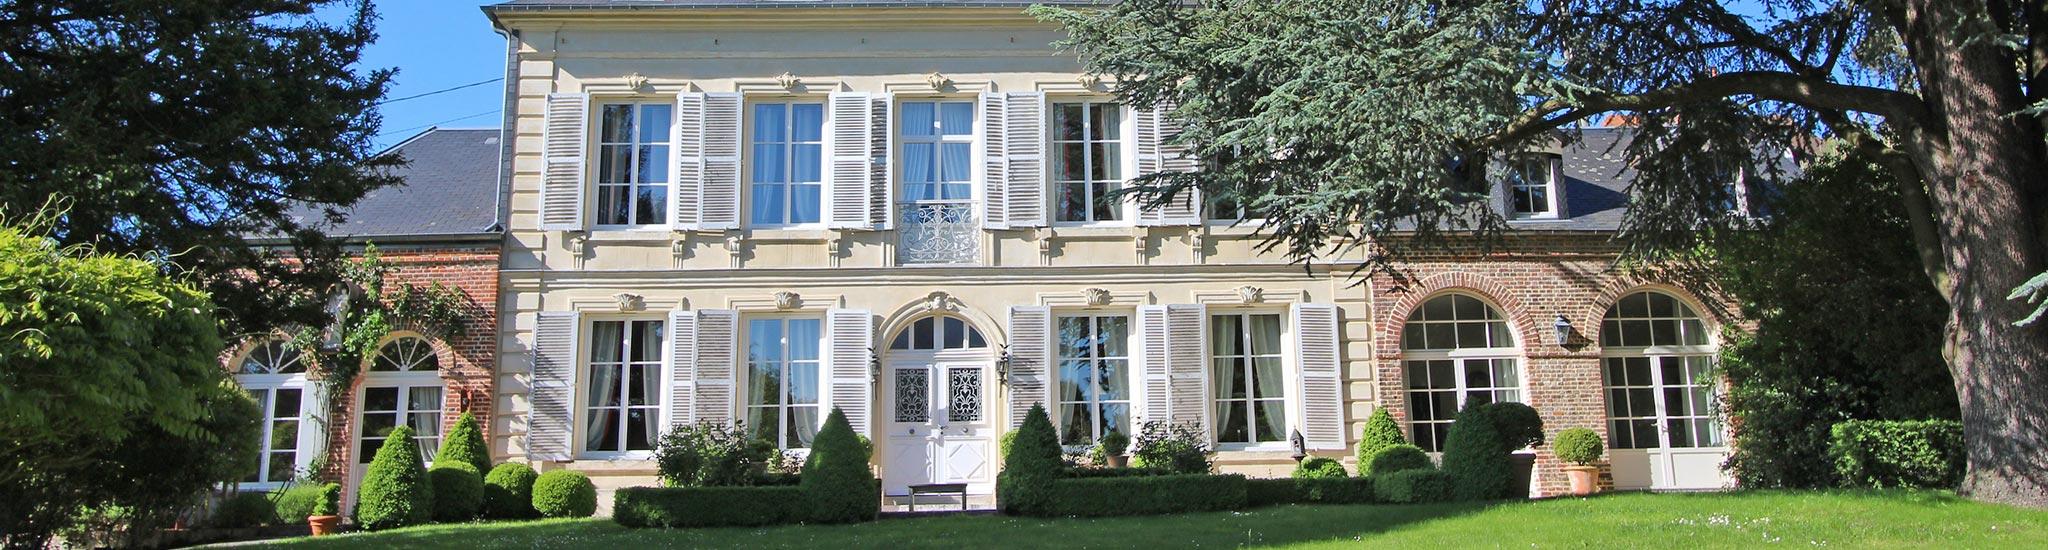 LISIEUX - 14100 Havre de paix pour cette magnifique maison de Ma�tre construite � la f...